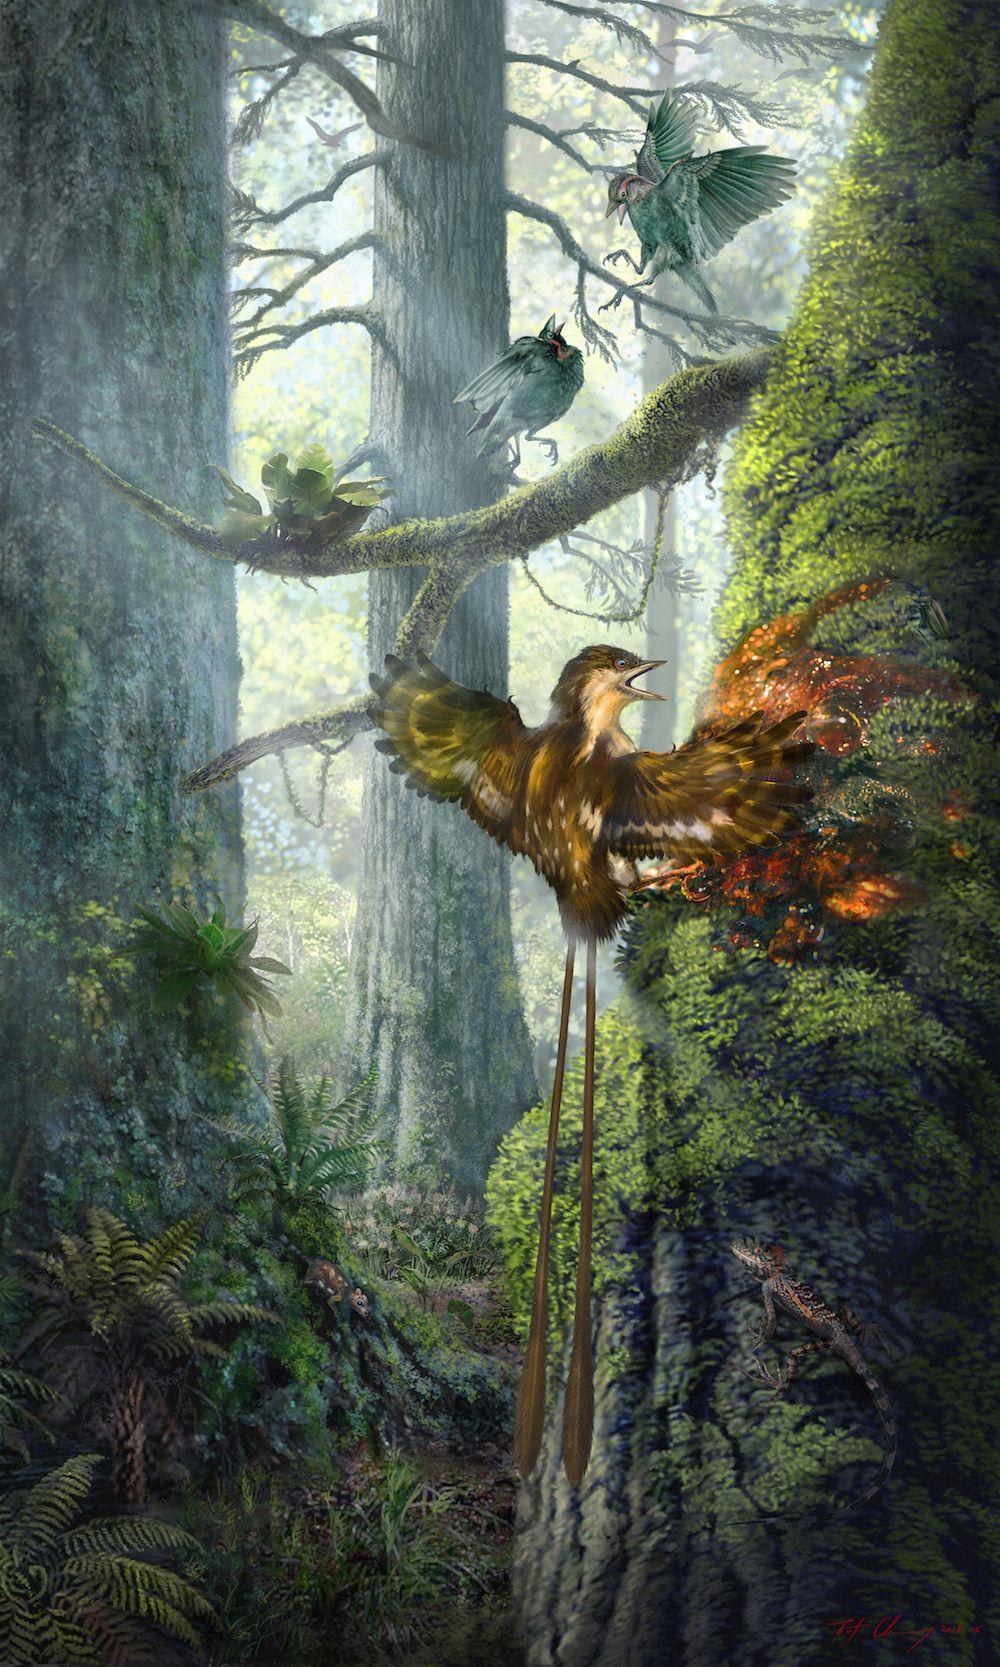 в янтаре обнаружили два прекрасно сохранившихся крошечных крыла эпохи динозавров